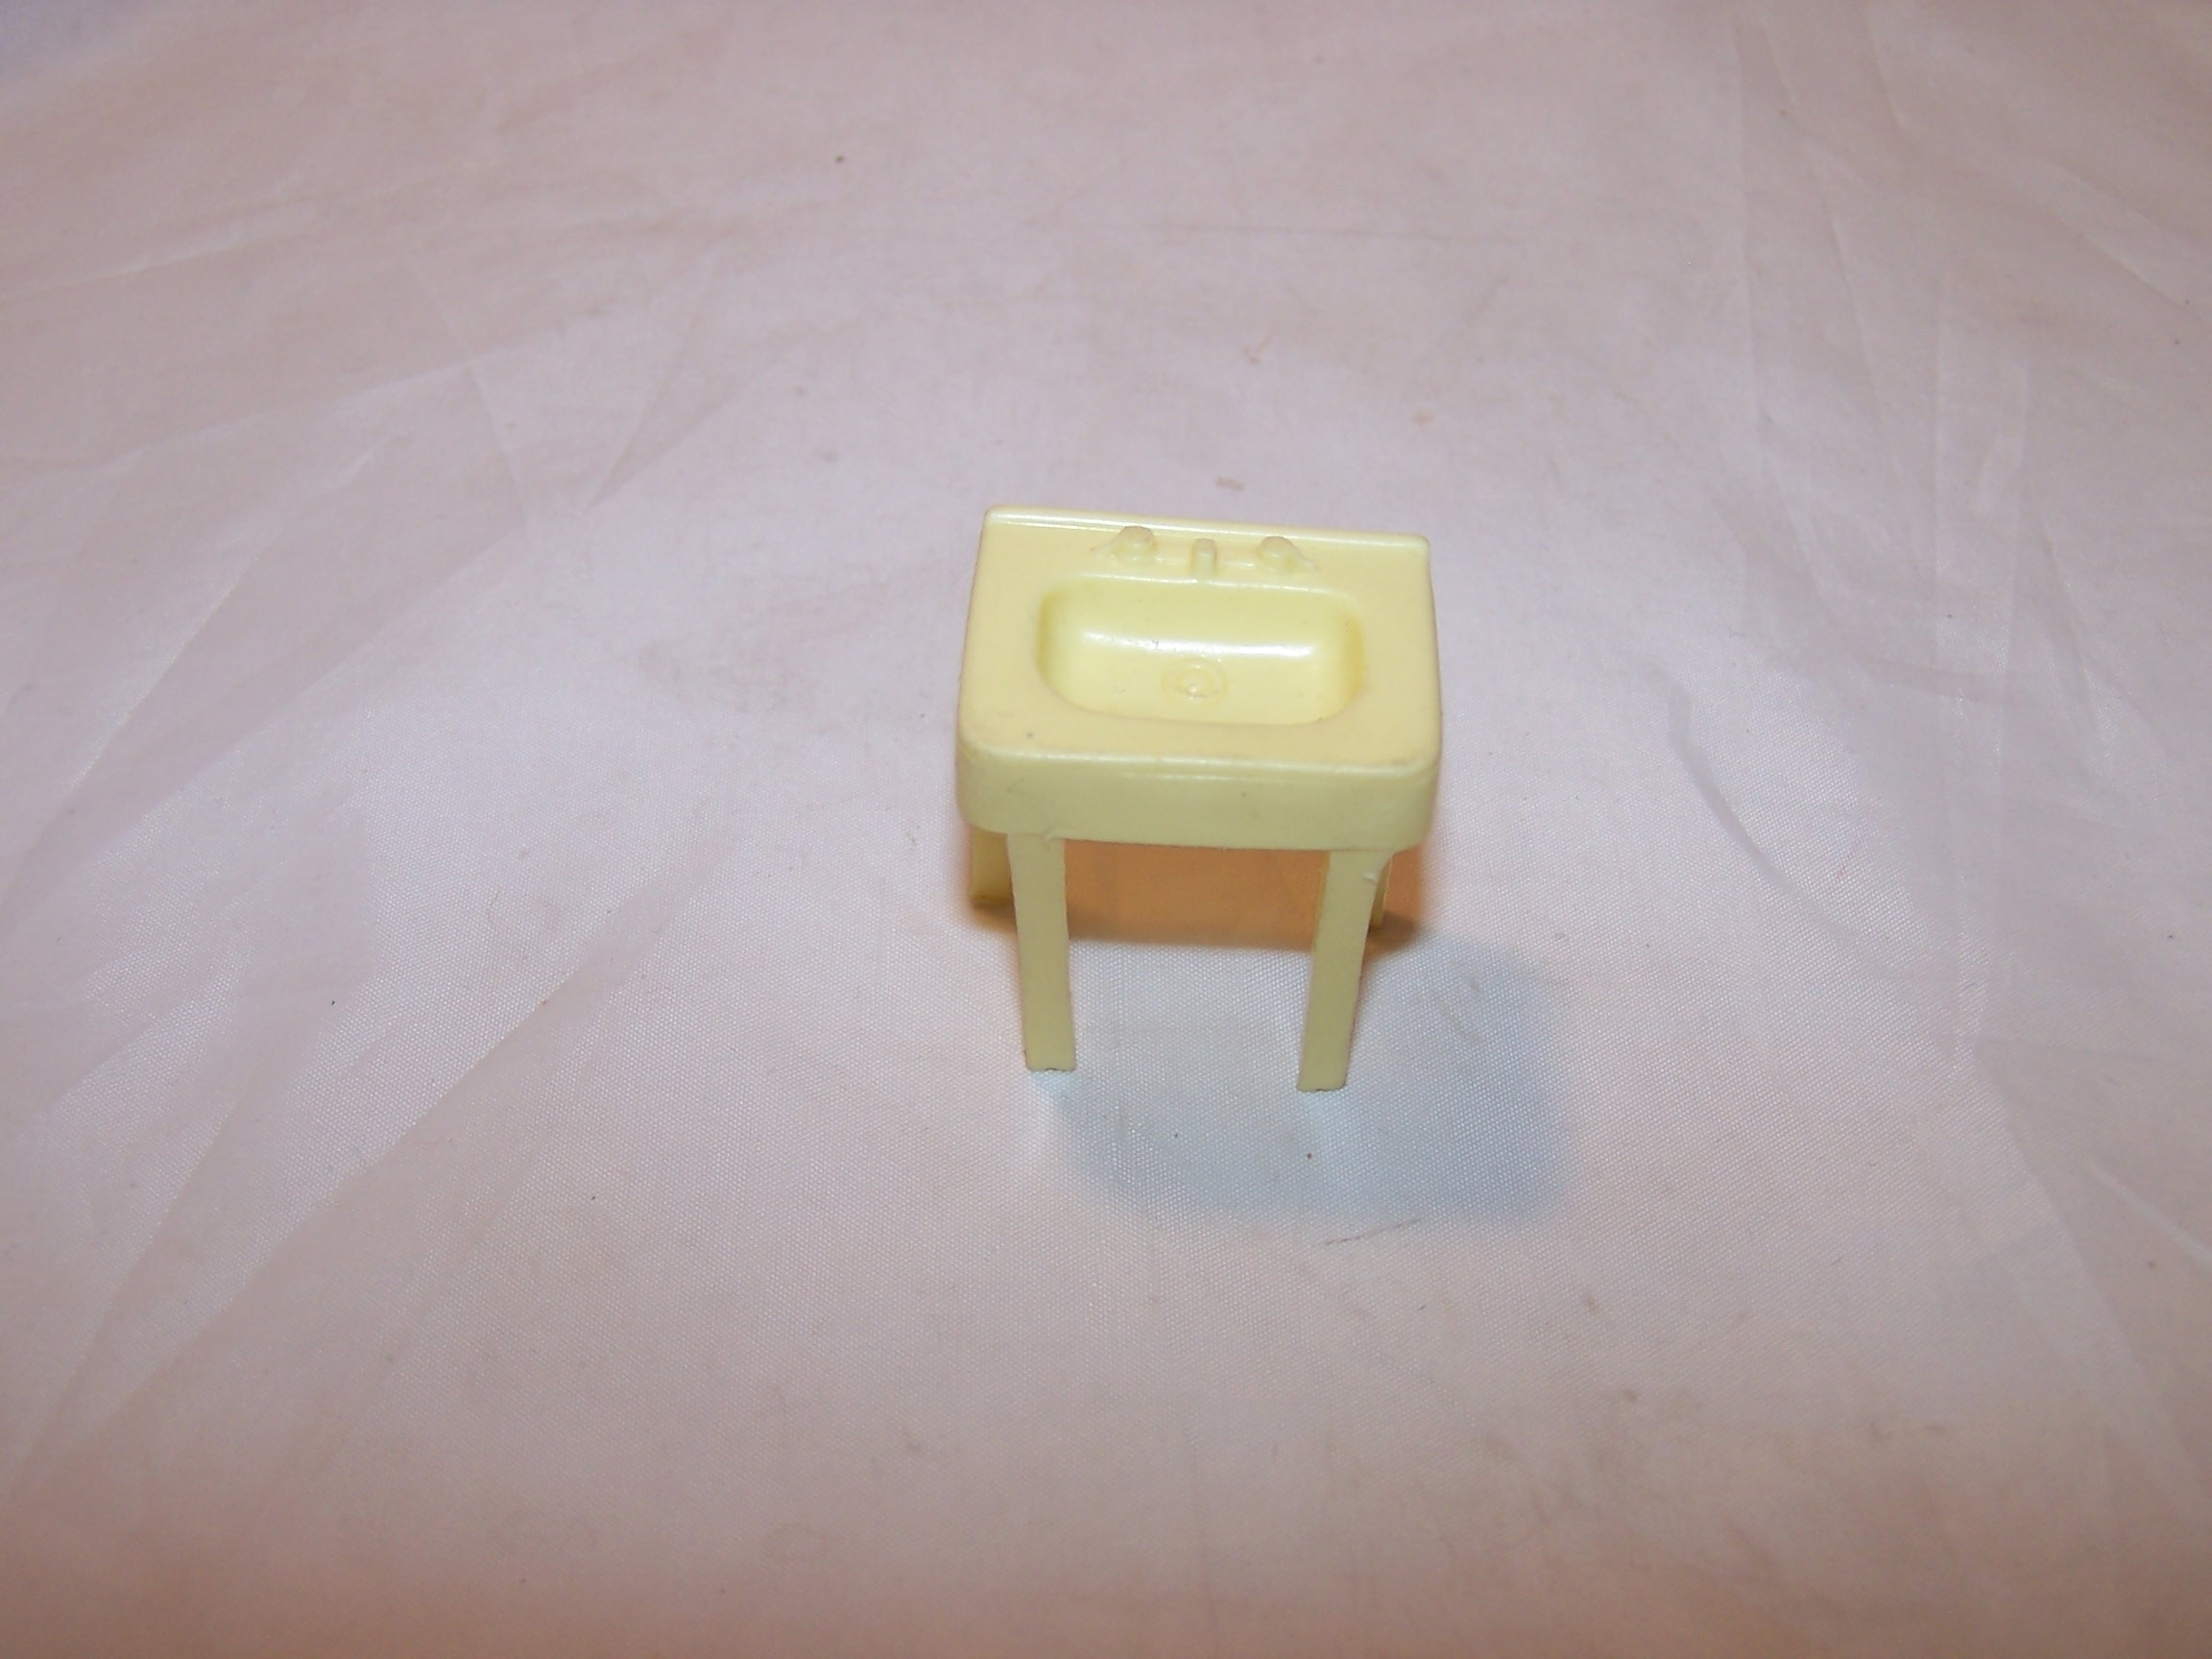 Dollhouse Bathroom Sink, Plastic, Vintage